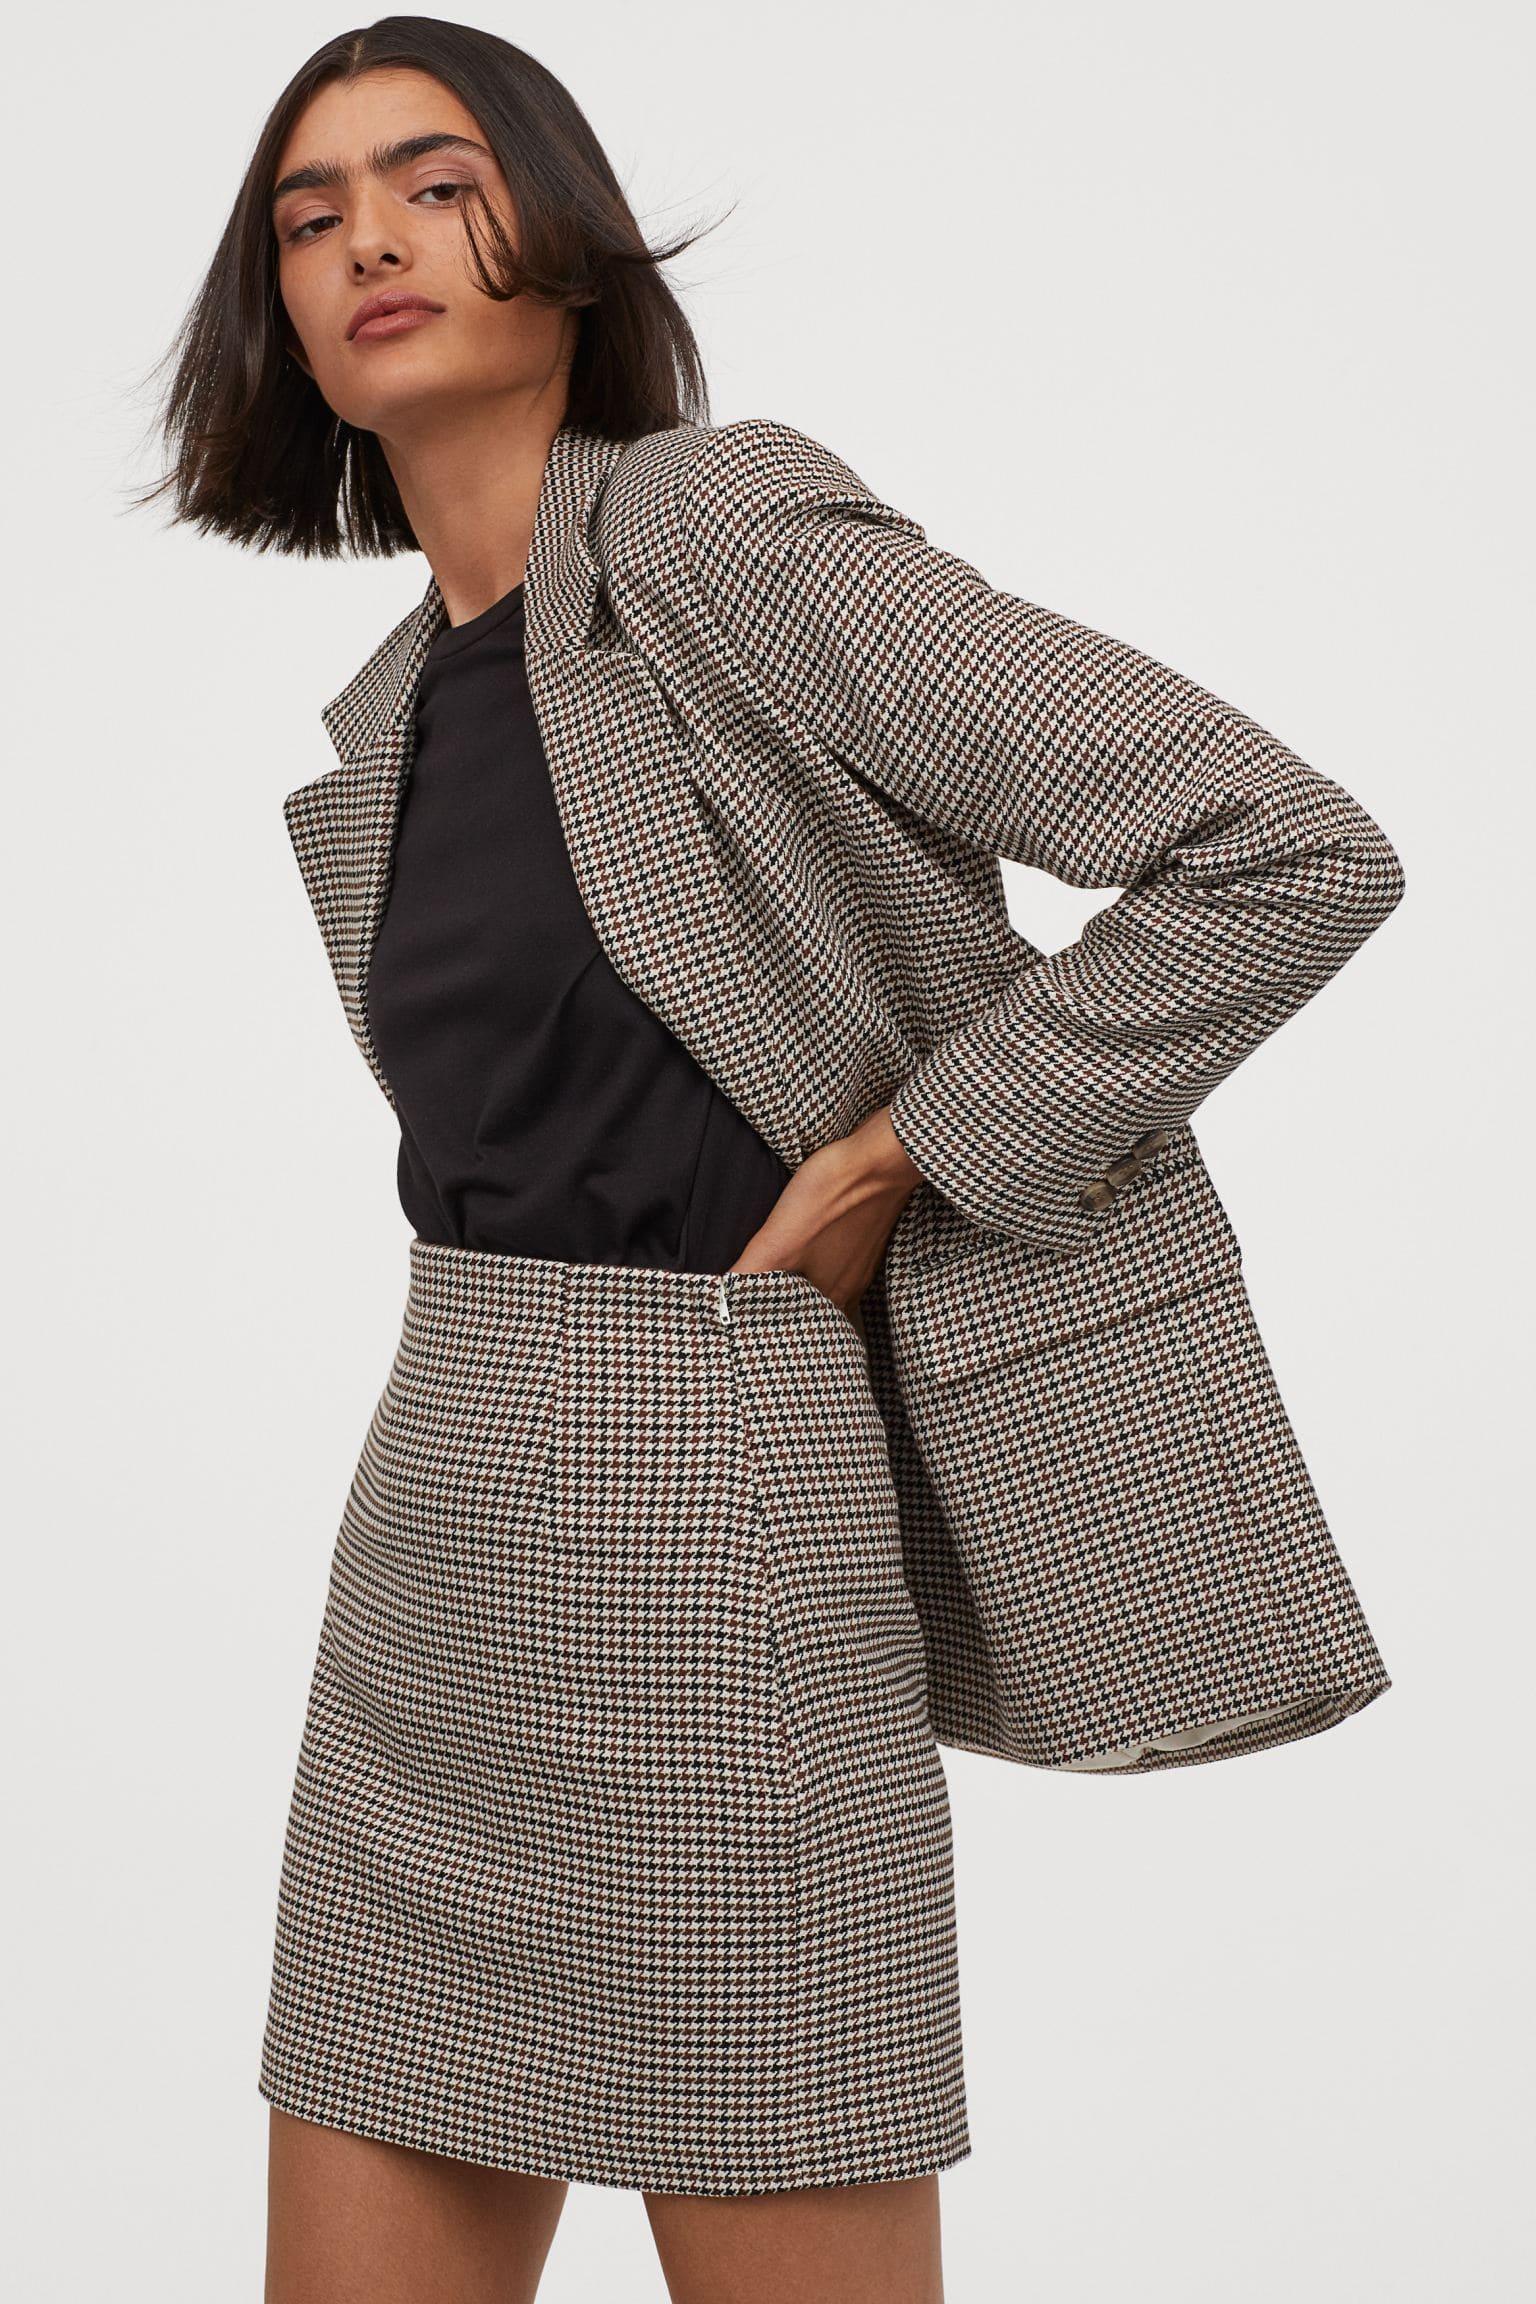 Rutig kort kjol för dam 2021